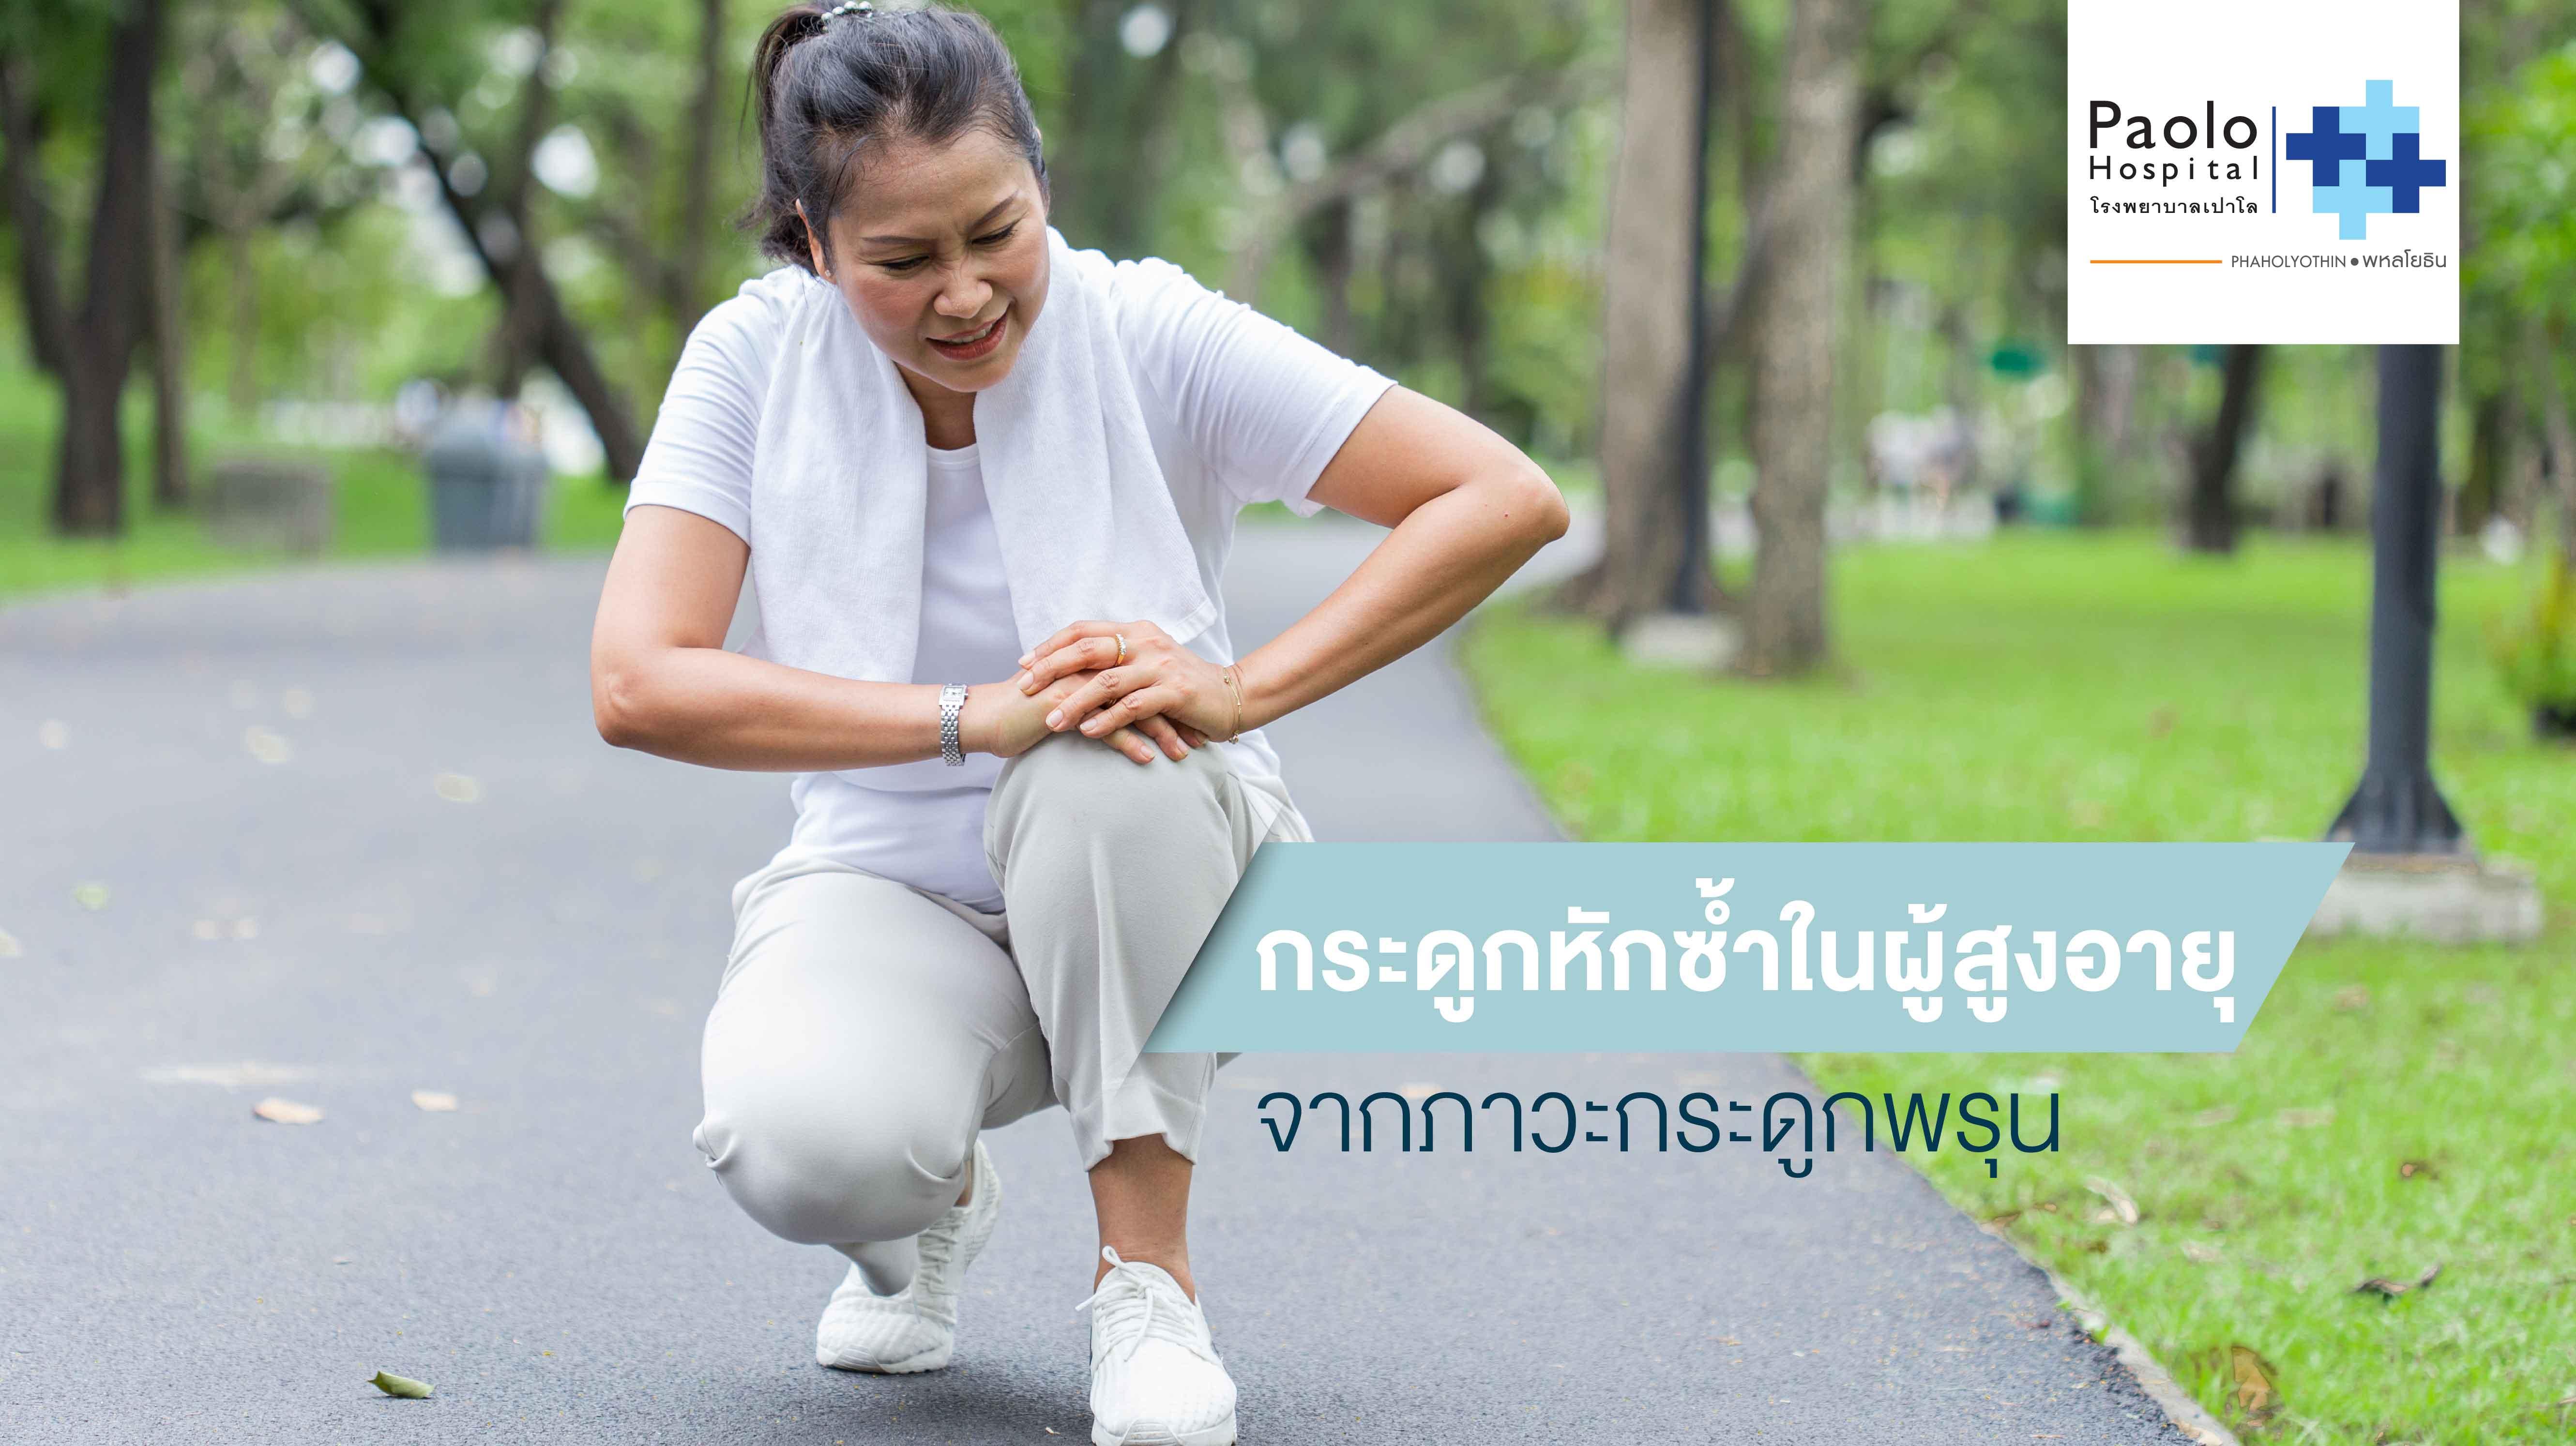 กระดูกหักซ้ำในผู้สูงอายุจากภาวะกระดูกพรุน